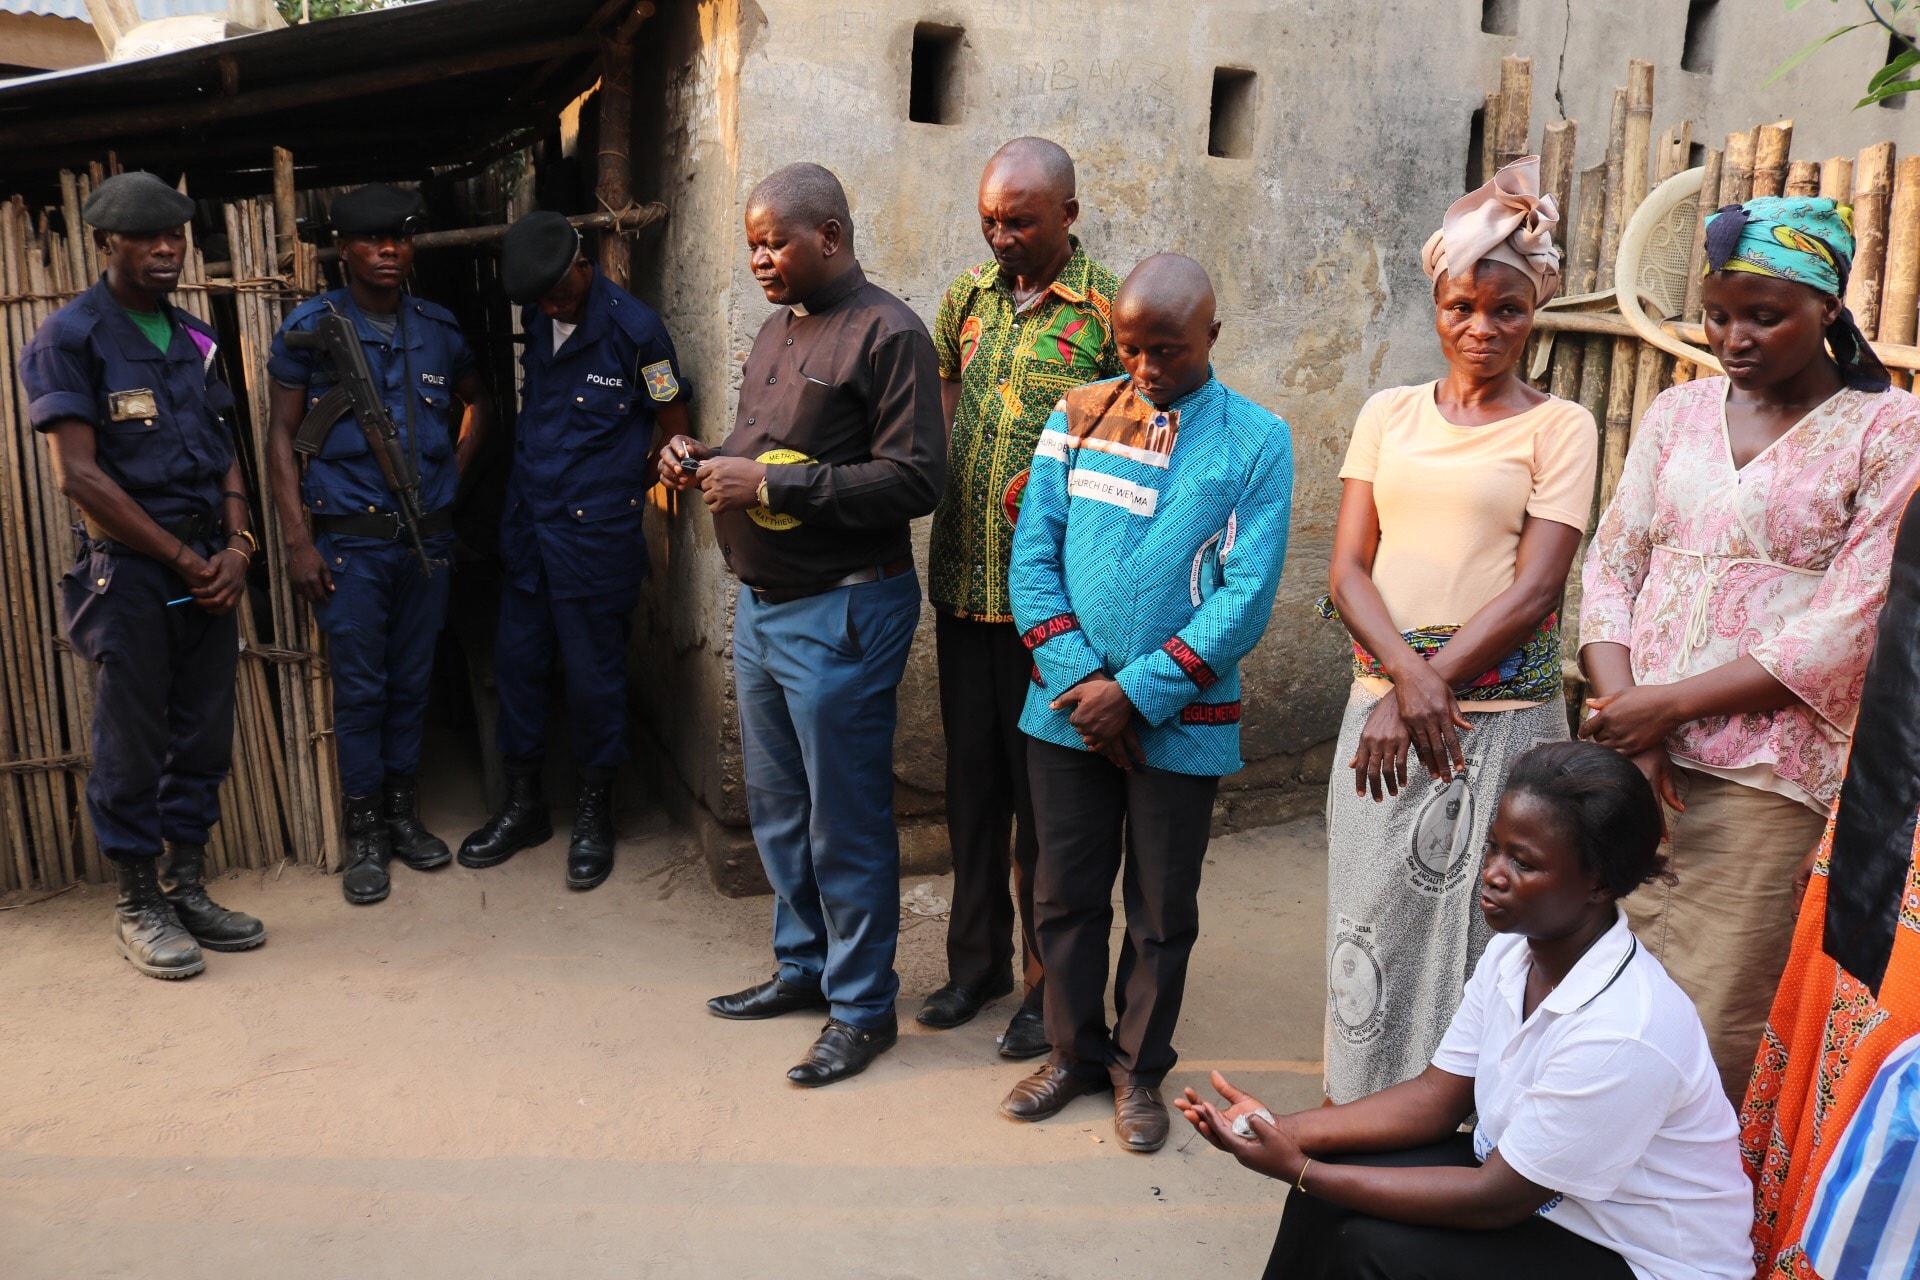 Le Rév. Robert Shuyaka Onakoy, chef de la délégation, dirige la prière dans la cour de la Prison Centrale de Lodja. Les membres de l'Église Méthodiste Unie de Lodja ont apporté de la nourriture à plus de 130 prisonniers. Photo de François Omanyondo, UM News.